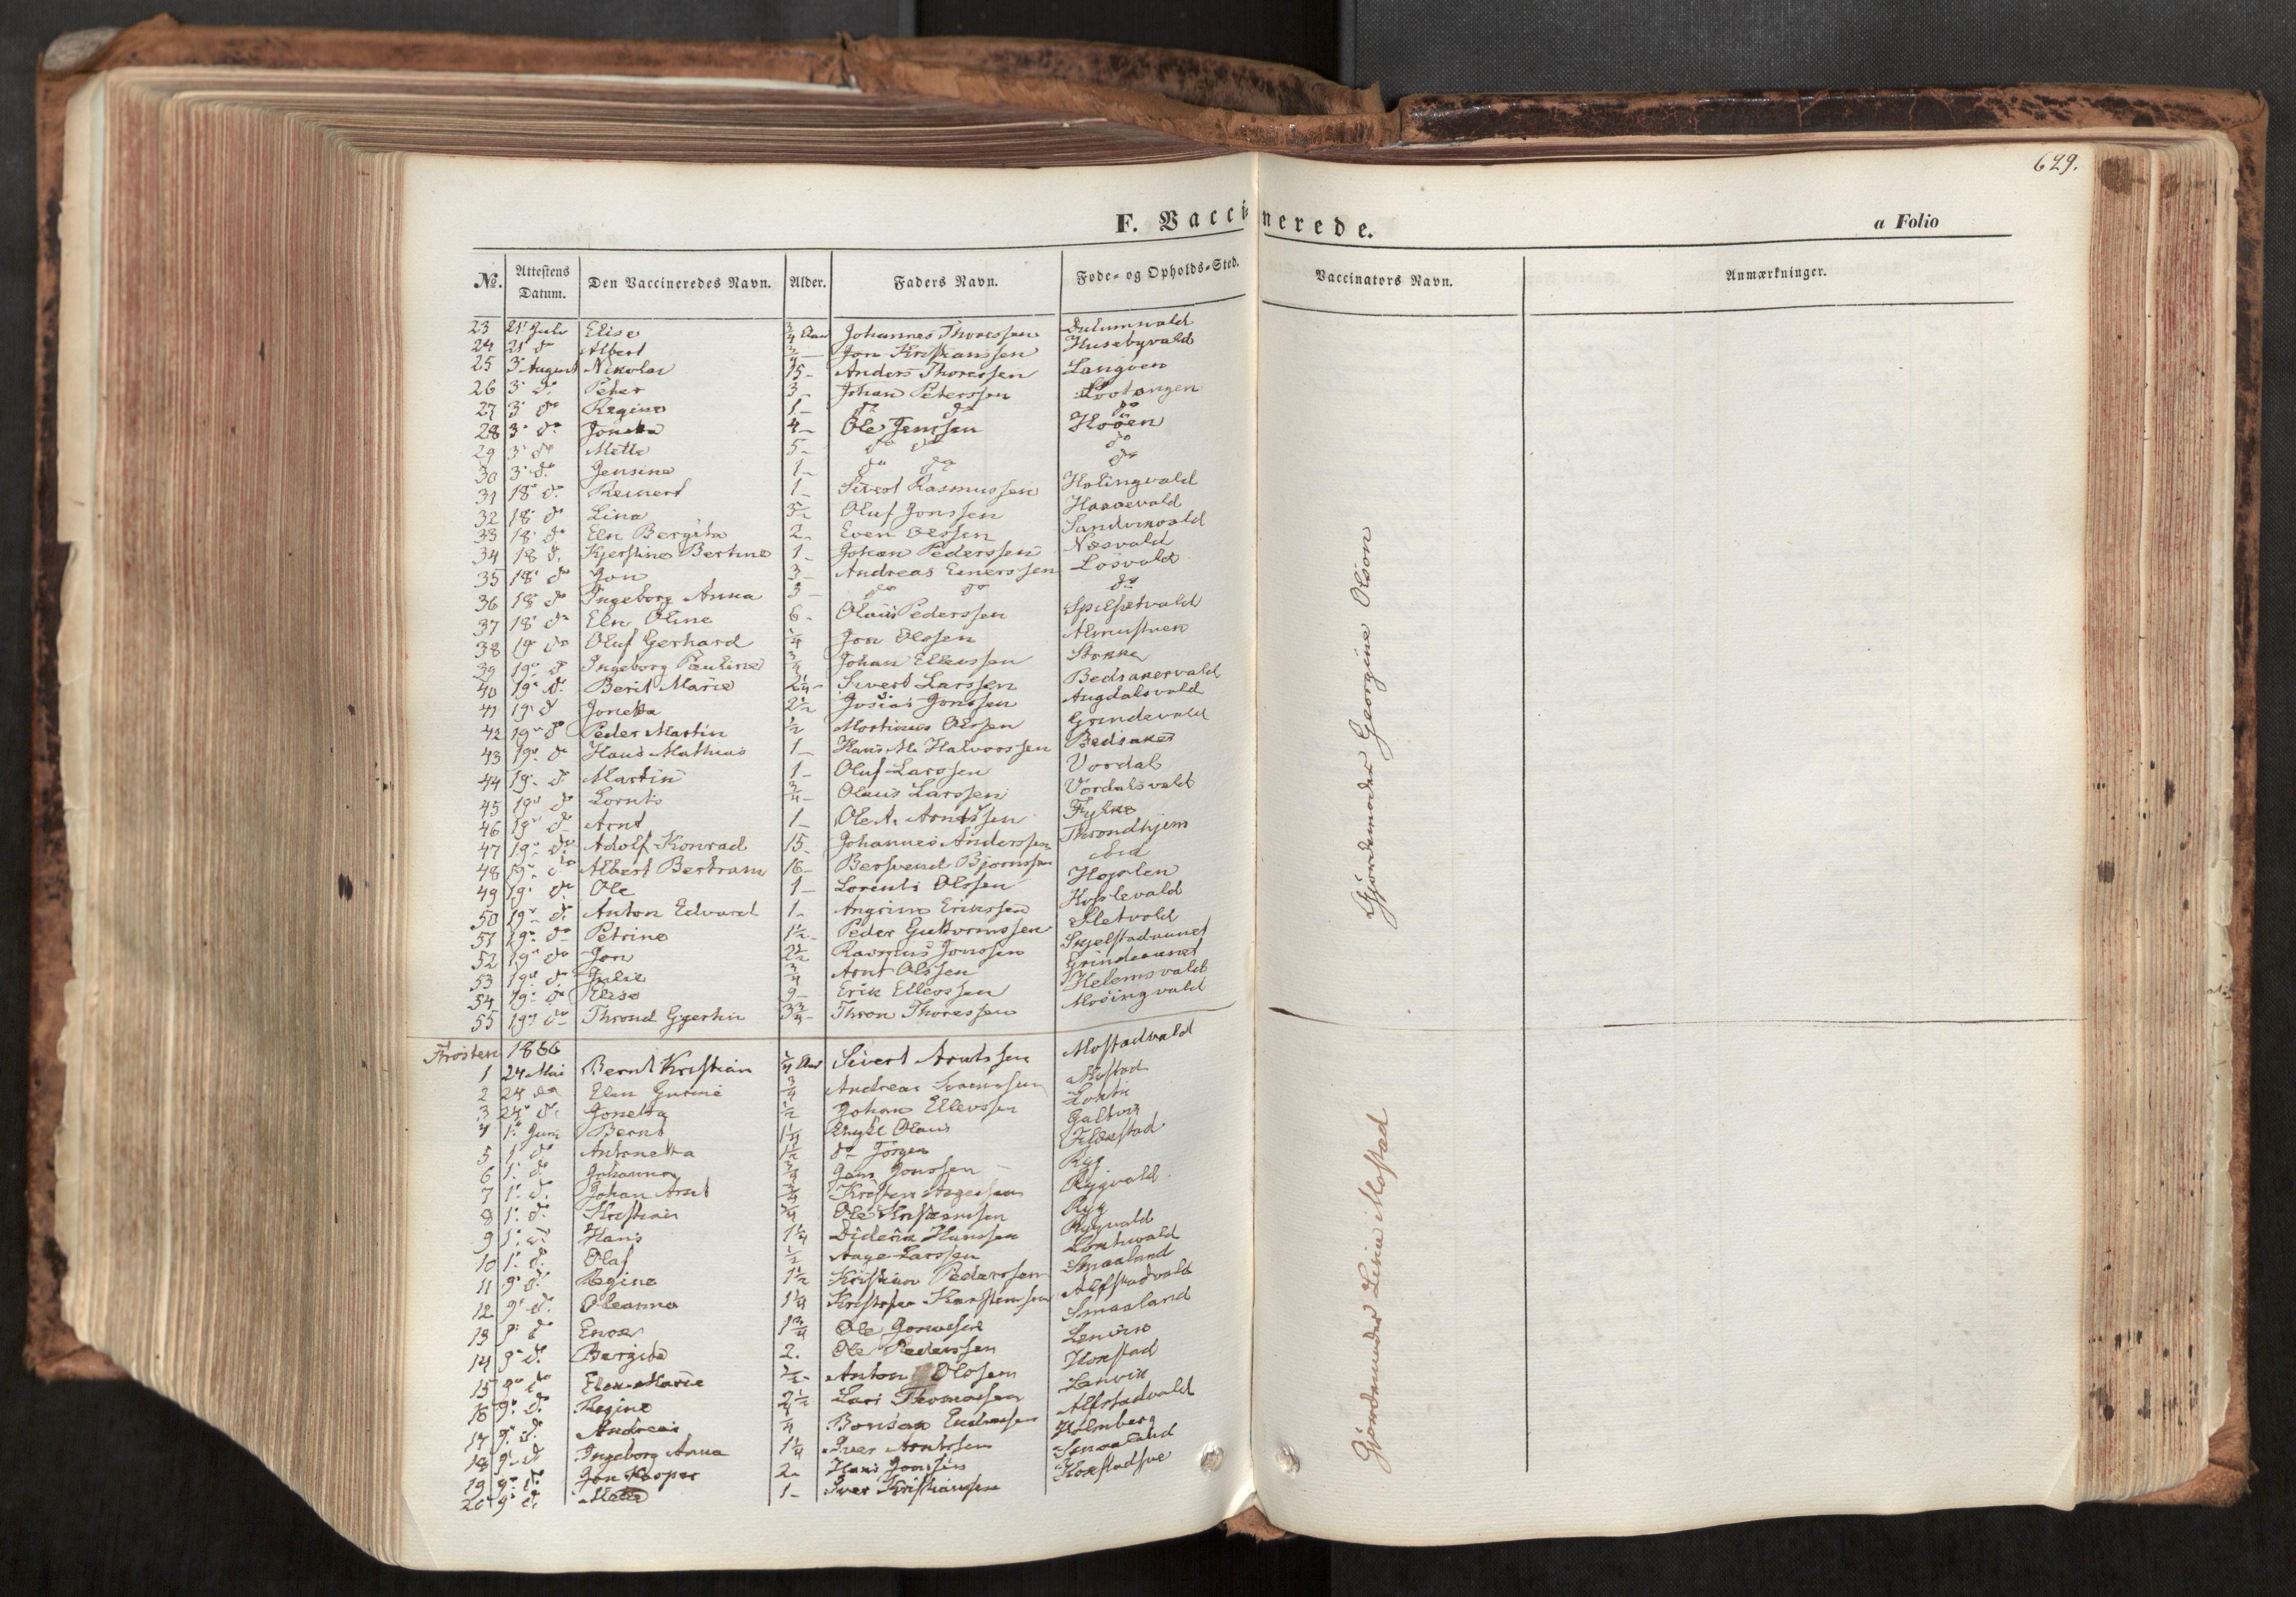 SAT, Ministerialprotokoller, klokkerbøker og fødselsregistre - Nord-Trøndelag, 713/L0116: Ministerialbok nr. 713A07, 1850-1877, s. 629